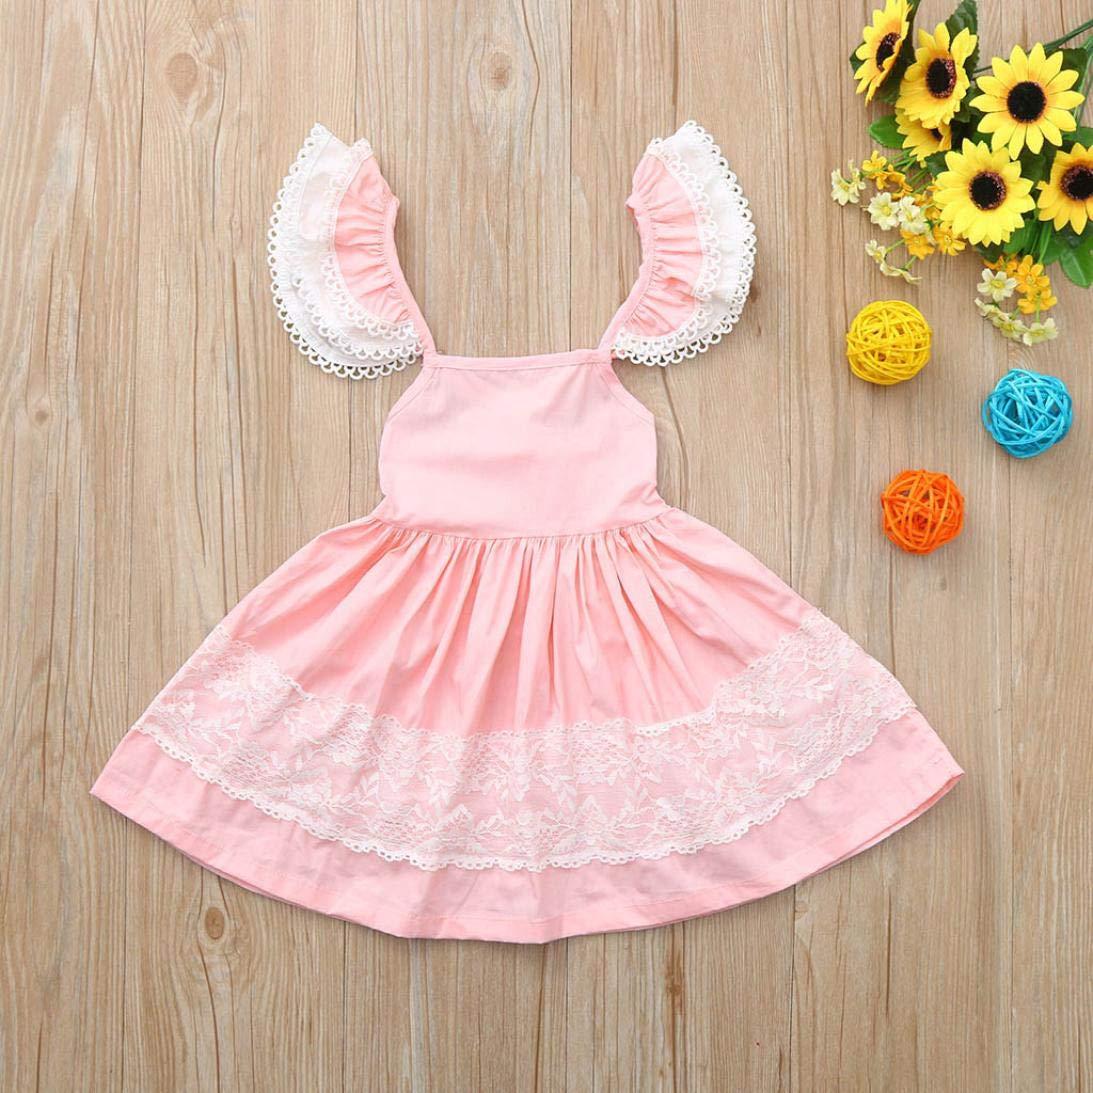 Adagod Toddler Infant Baby Girl Floral Sundress Sleeveless Straps Clothe Dress